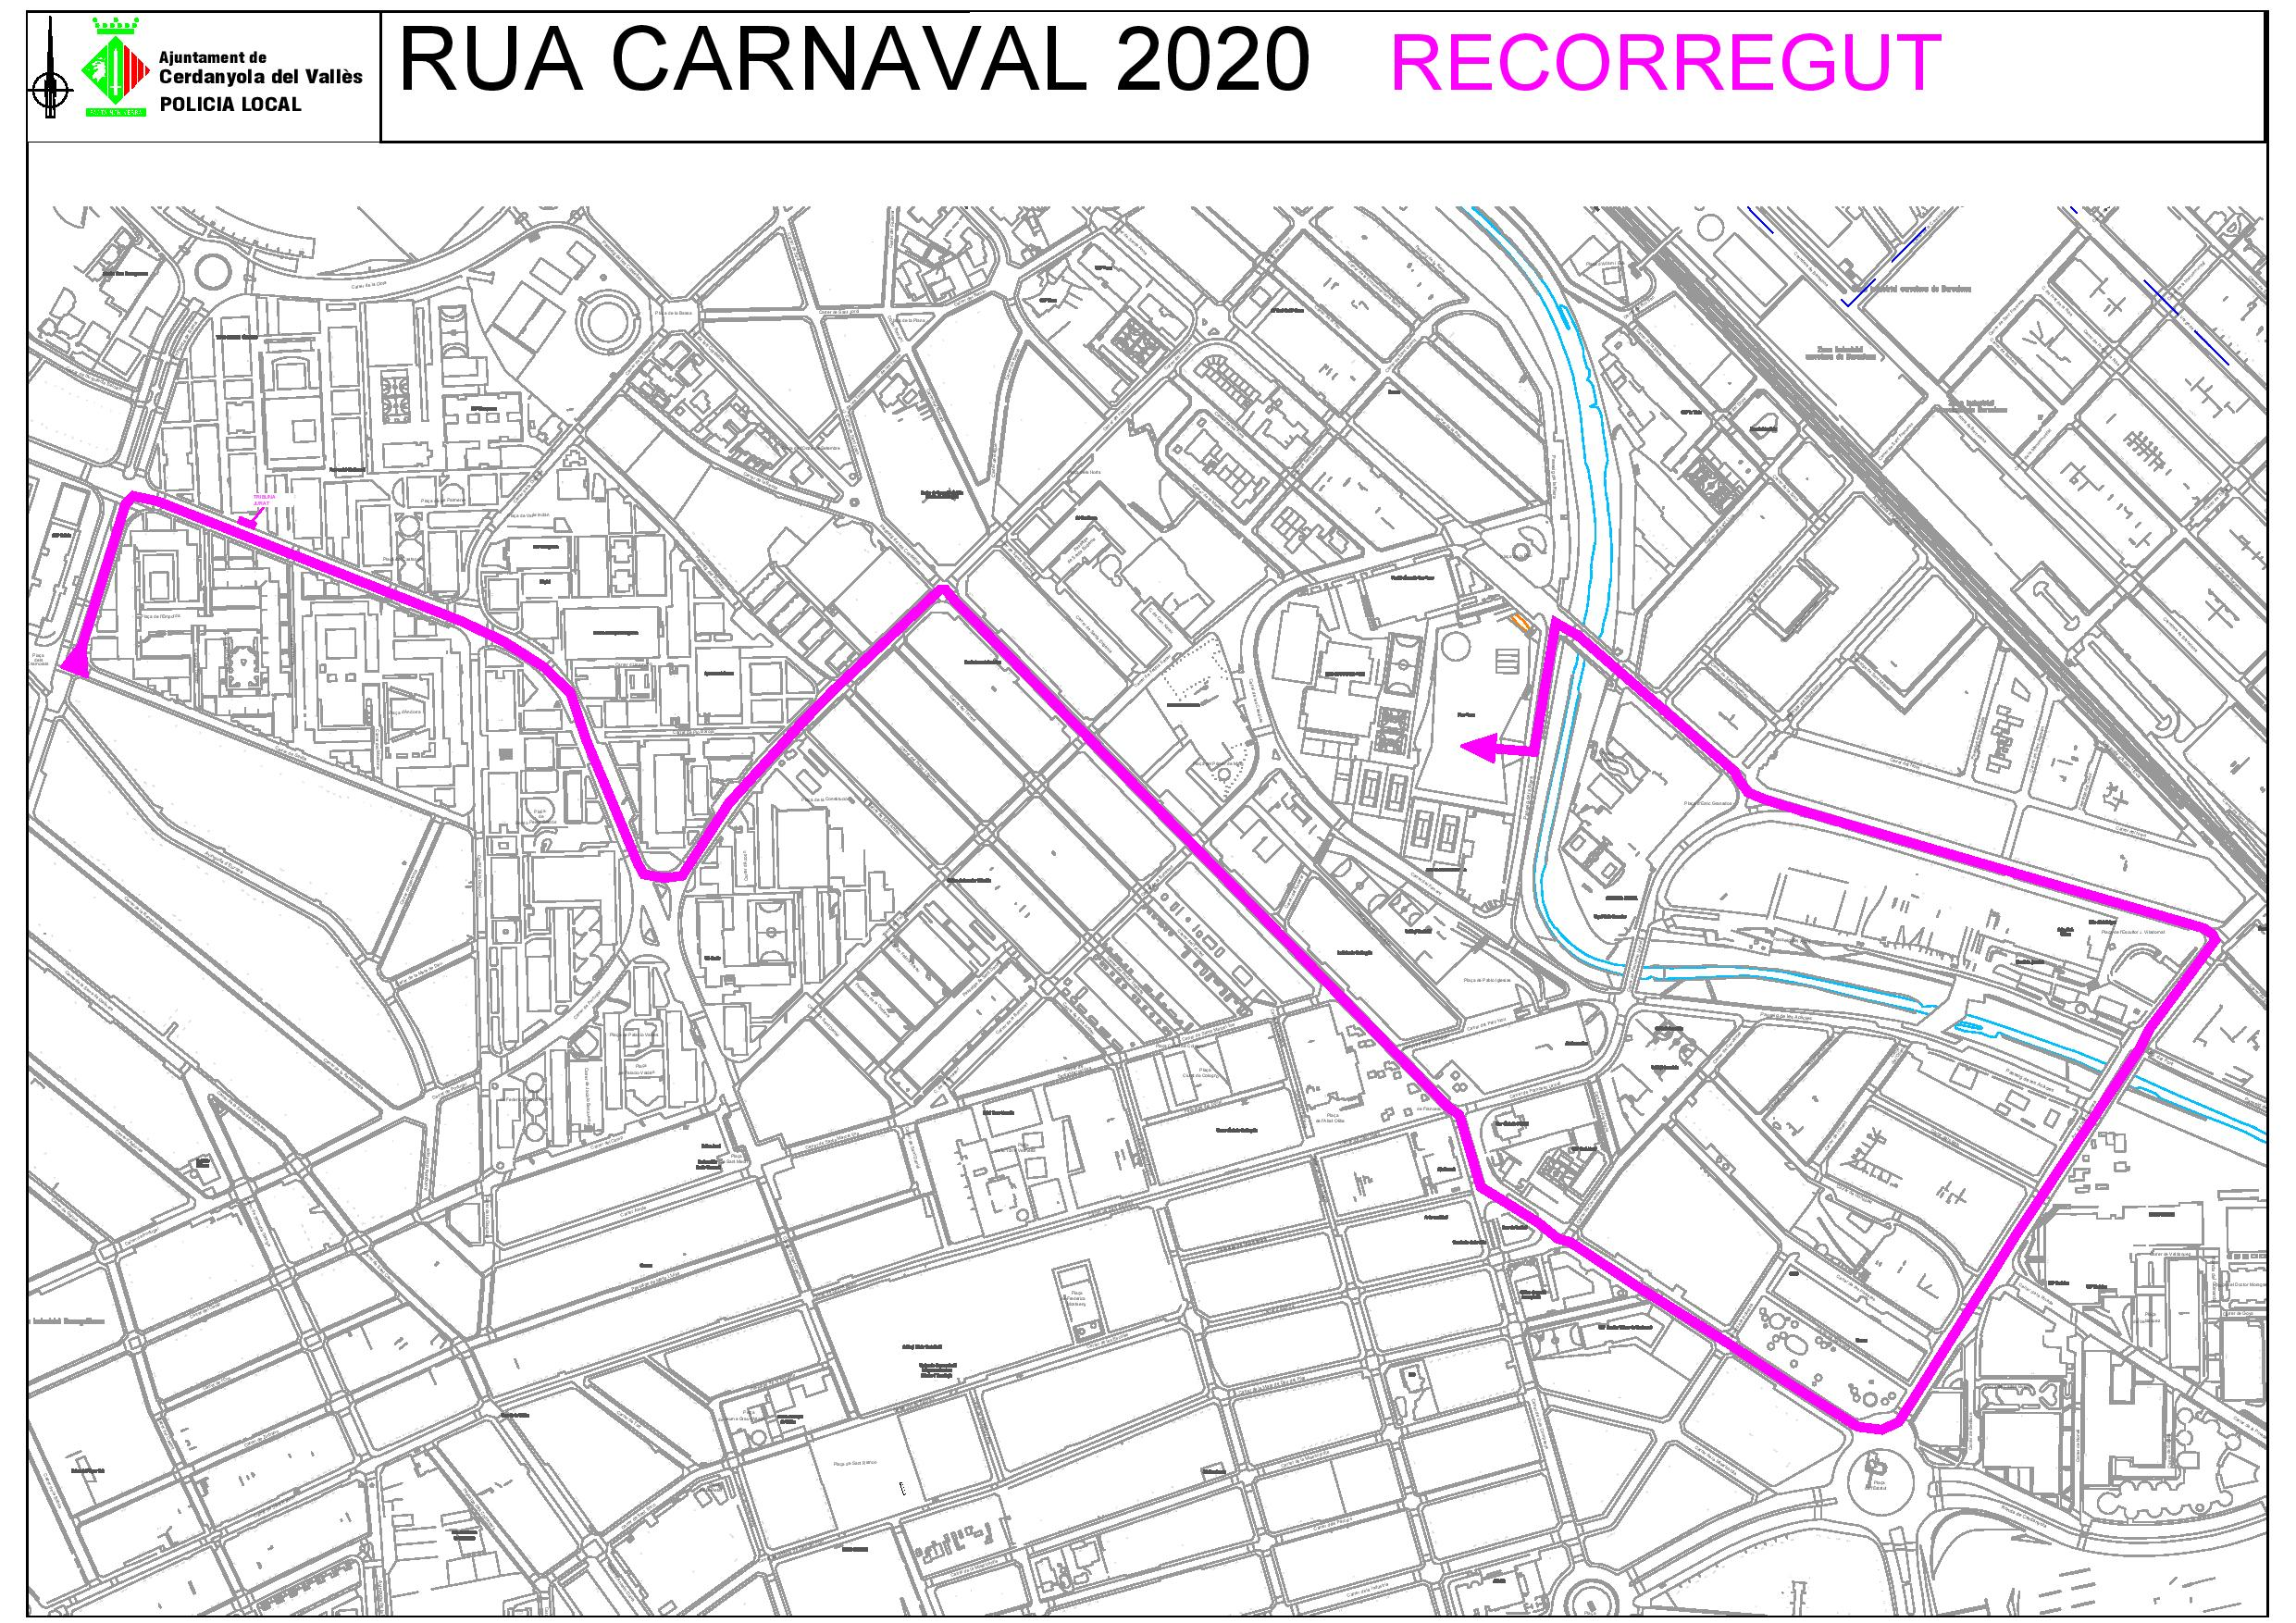 Plànol del recorregut de la rua de Carnaval 2020